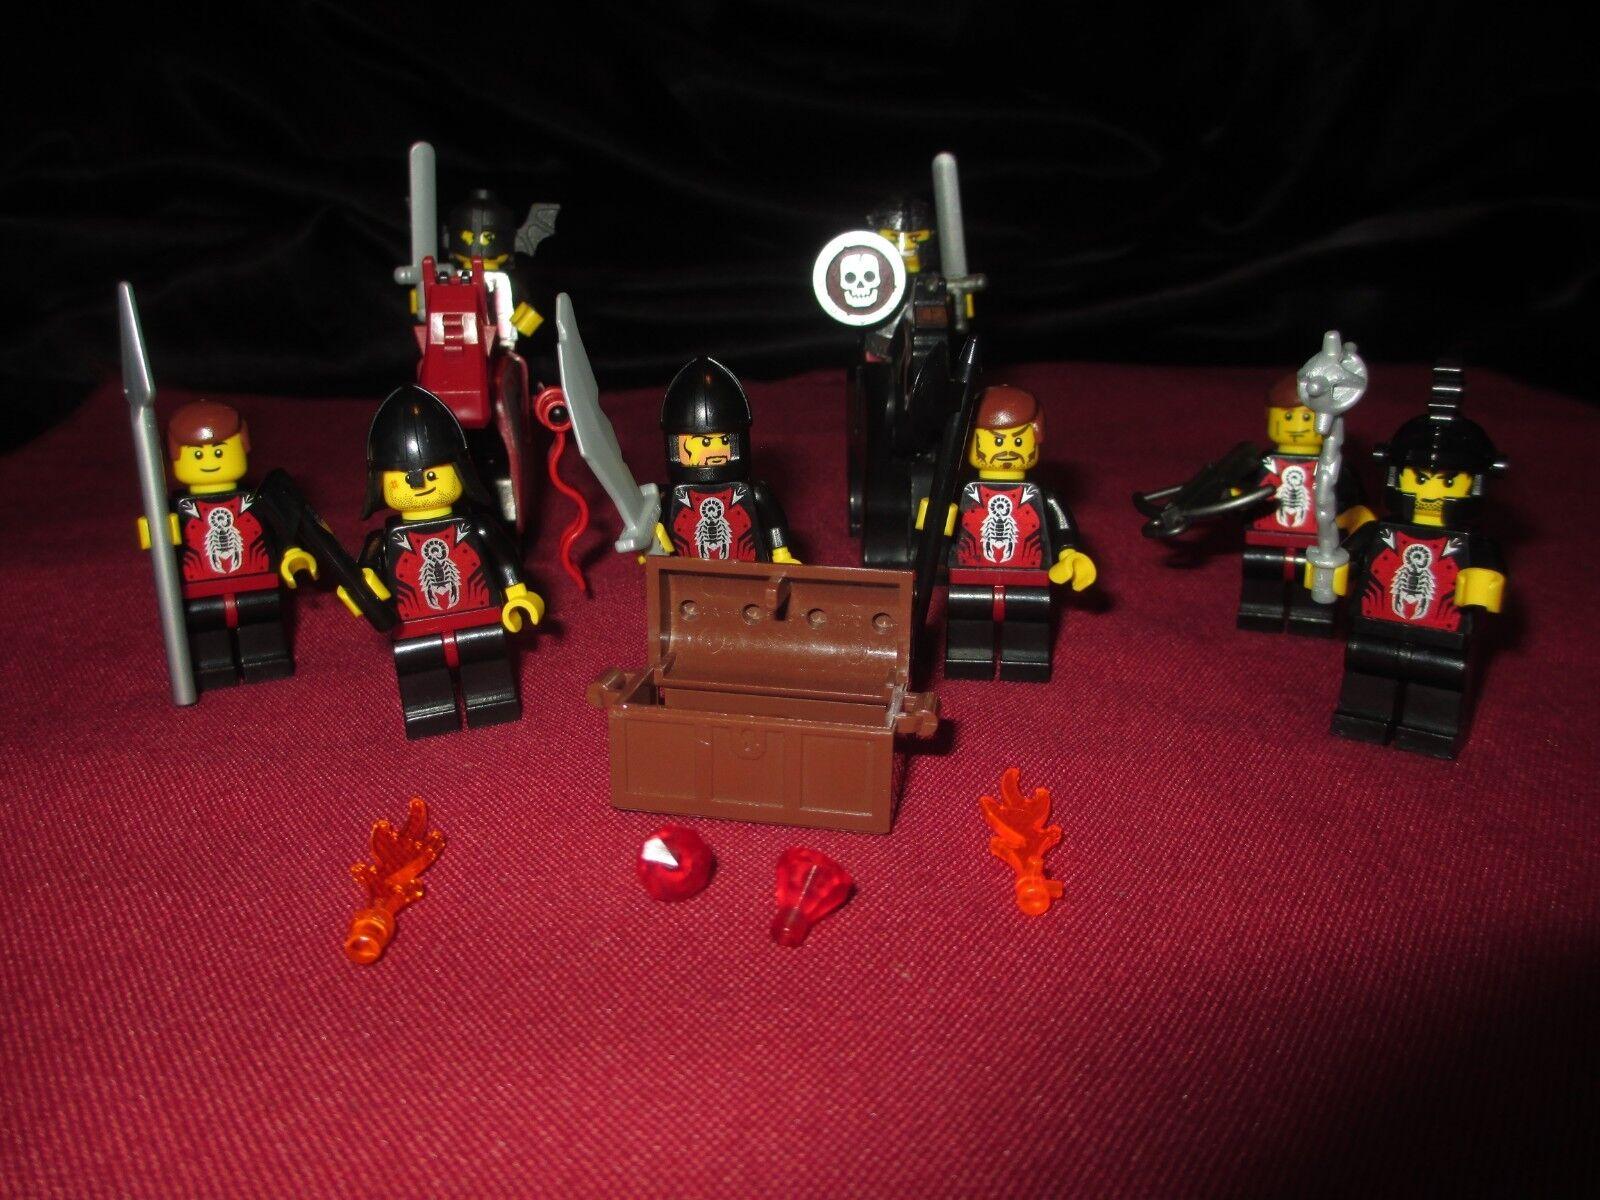 Lote De Minifiguras Lego Castillo Caballero, soldados, caballos, armaduras, escudos, armas,